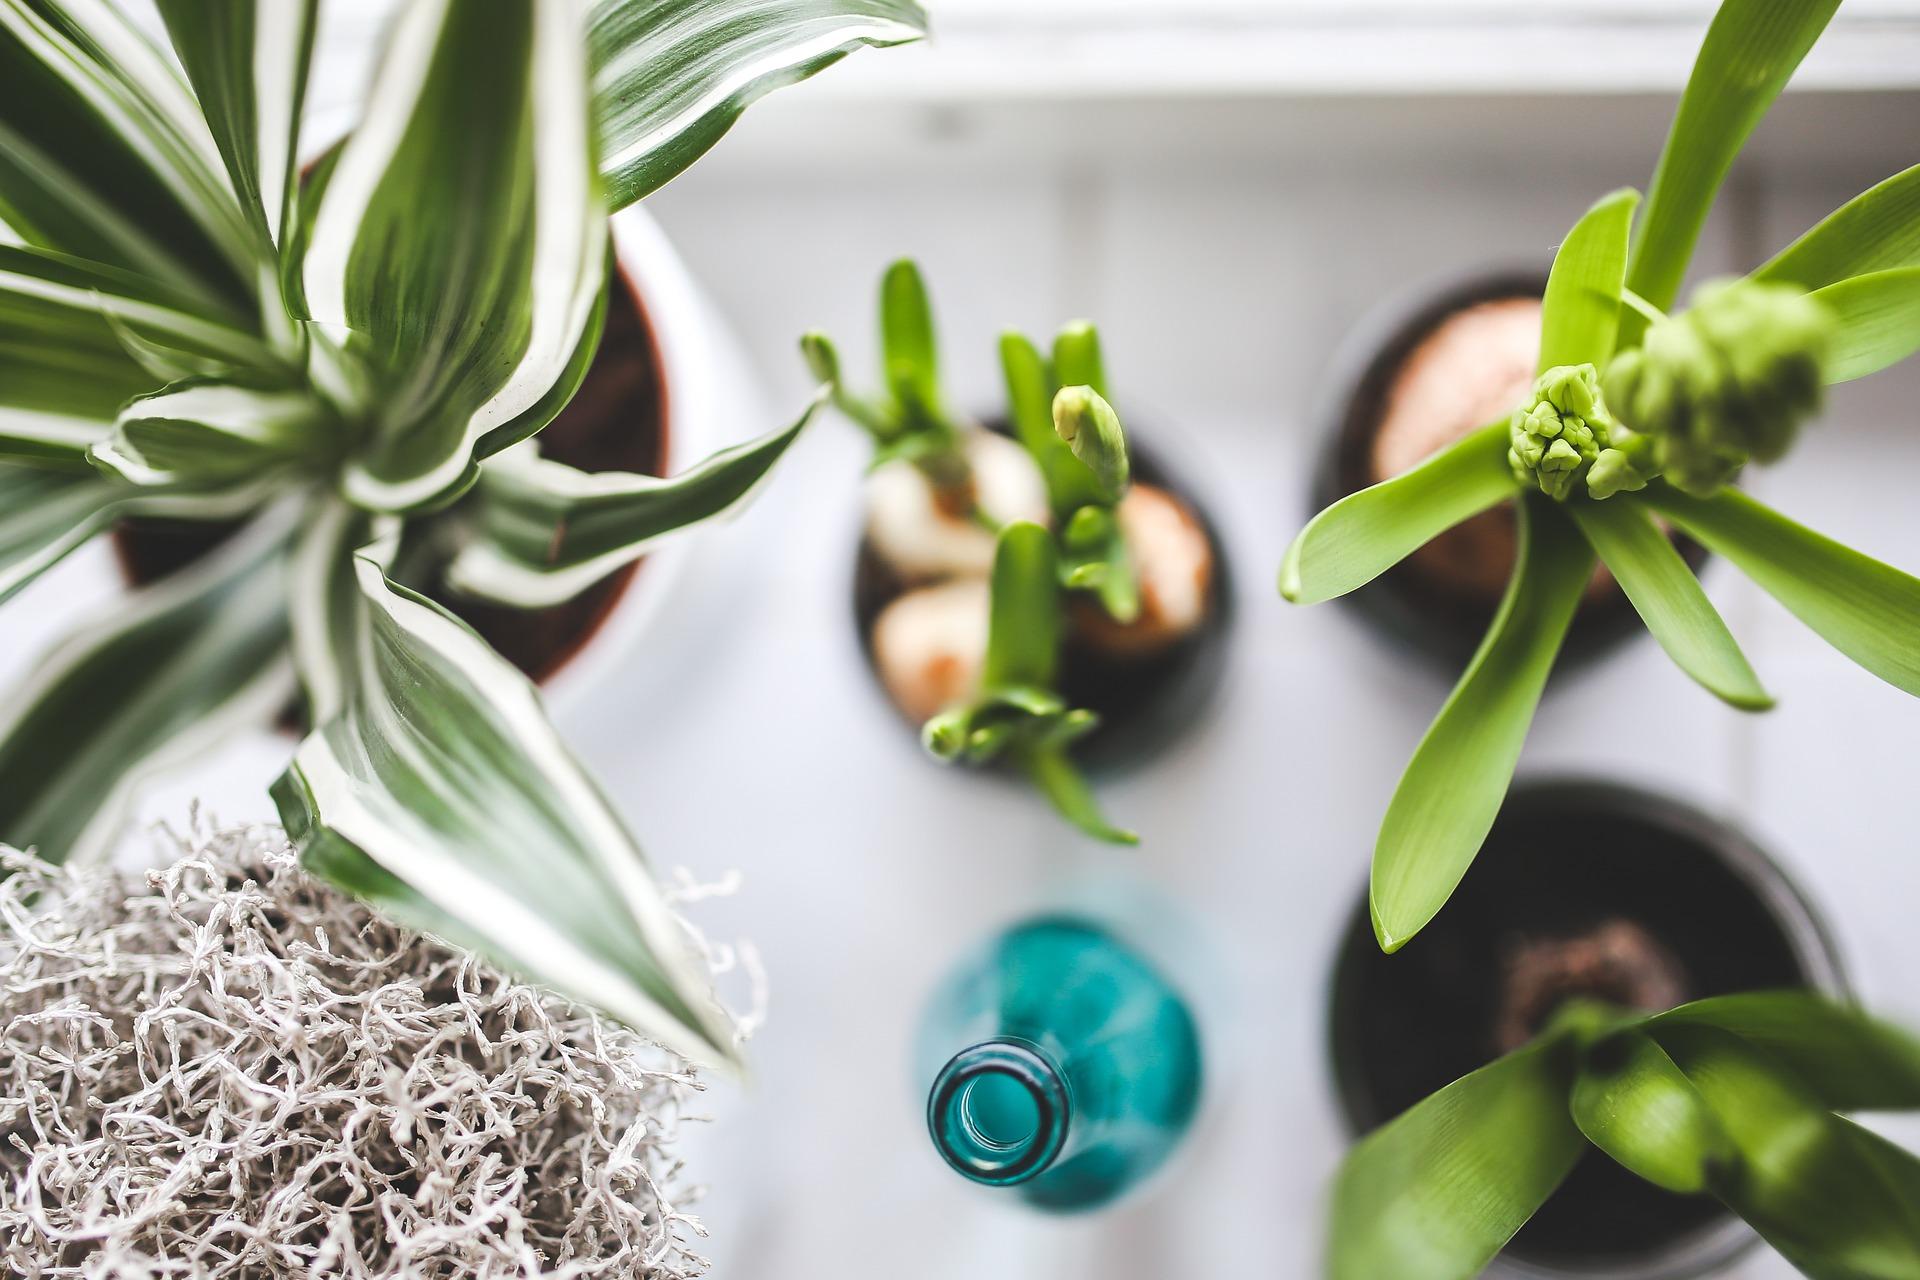 Le piante:un modo originale e unico per continuare a vivere la magia del viaggio a casa